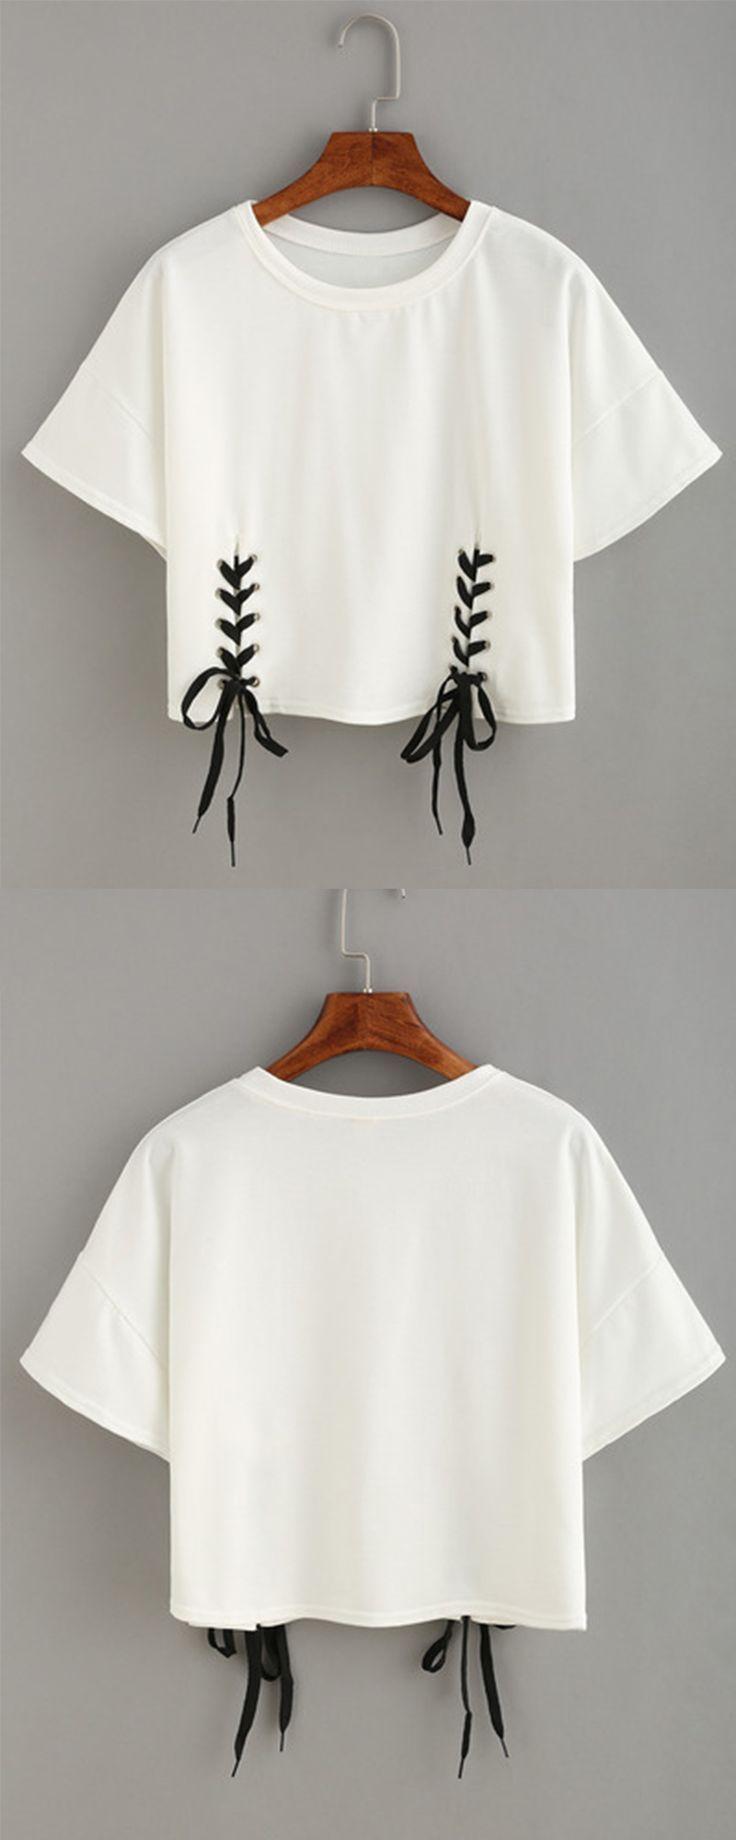 double lace-up hem crop t-shirt | ❧ ℰlegant ℱashion